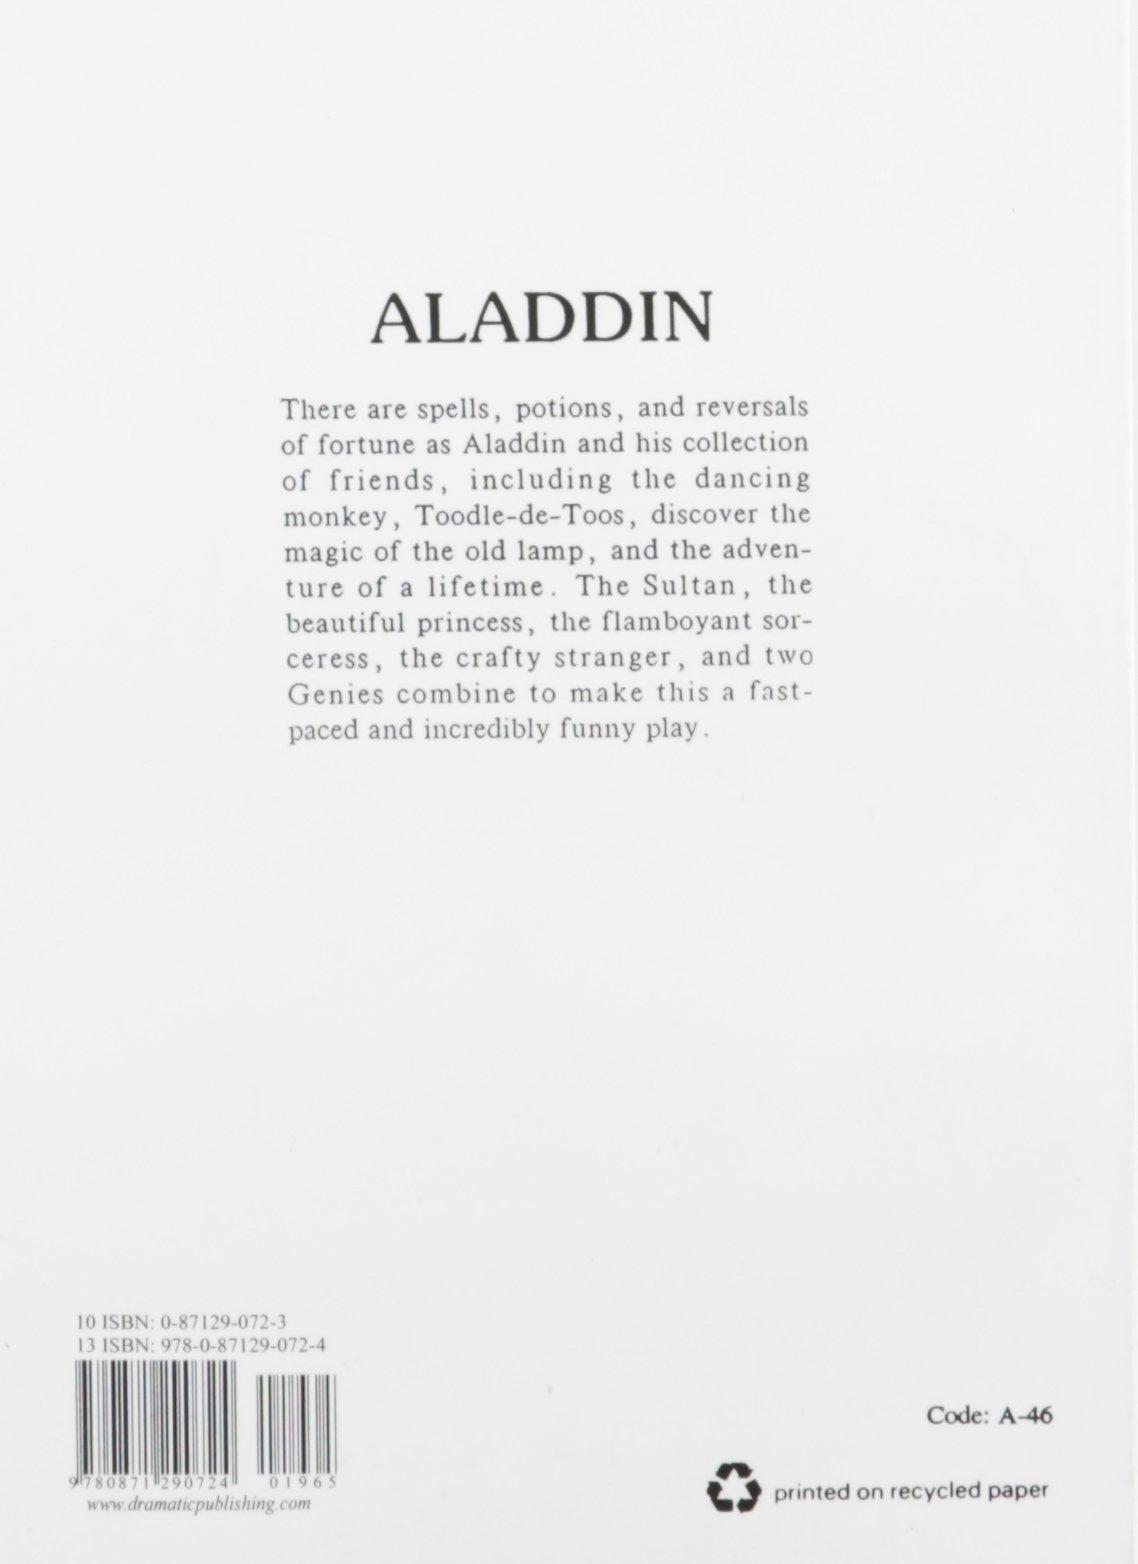 aladdin childrens theatre playscript william glennon william glennon 9780871290724 amazoncom books